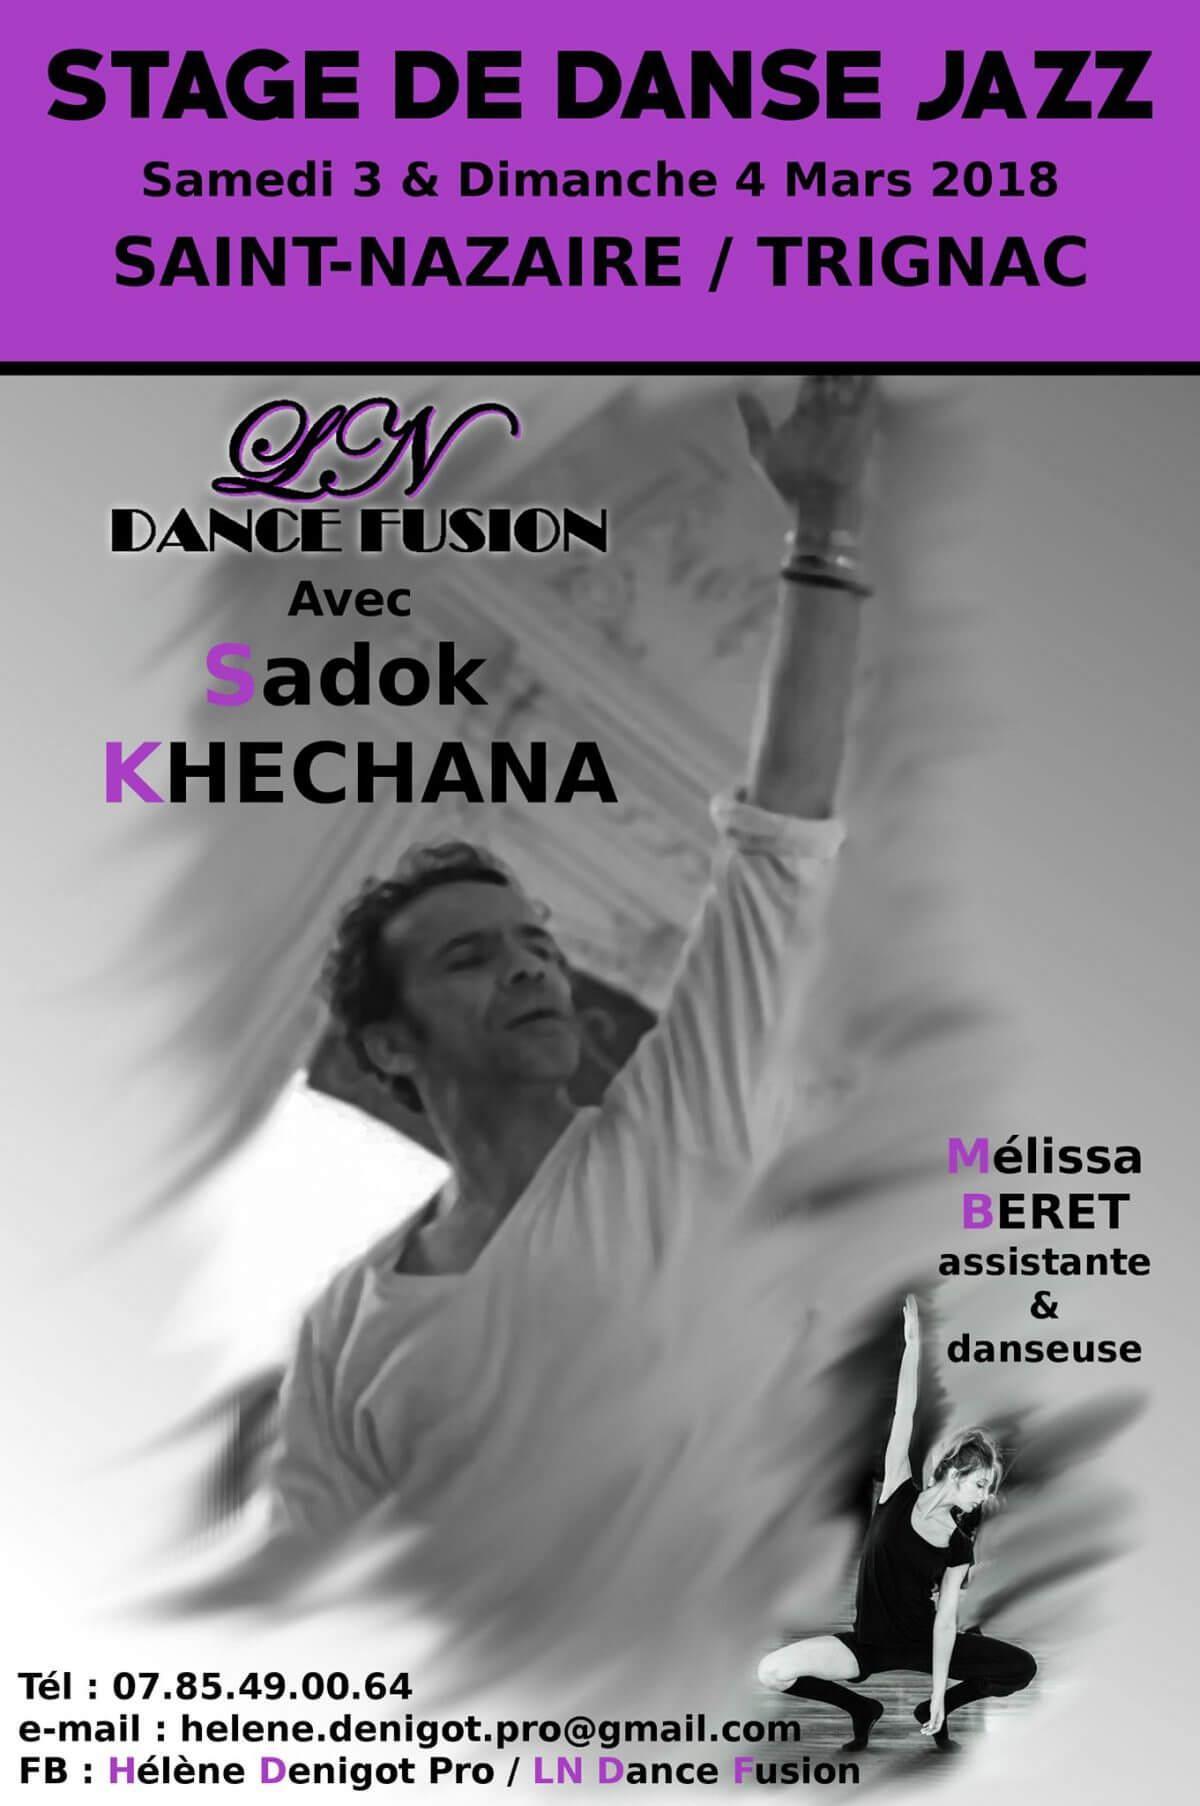 Stage de danse du 3 au 4 Mars 2018